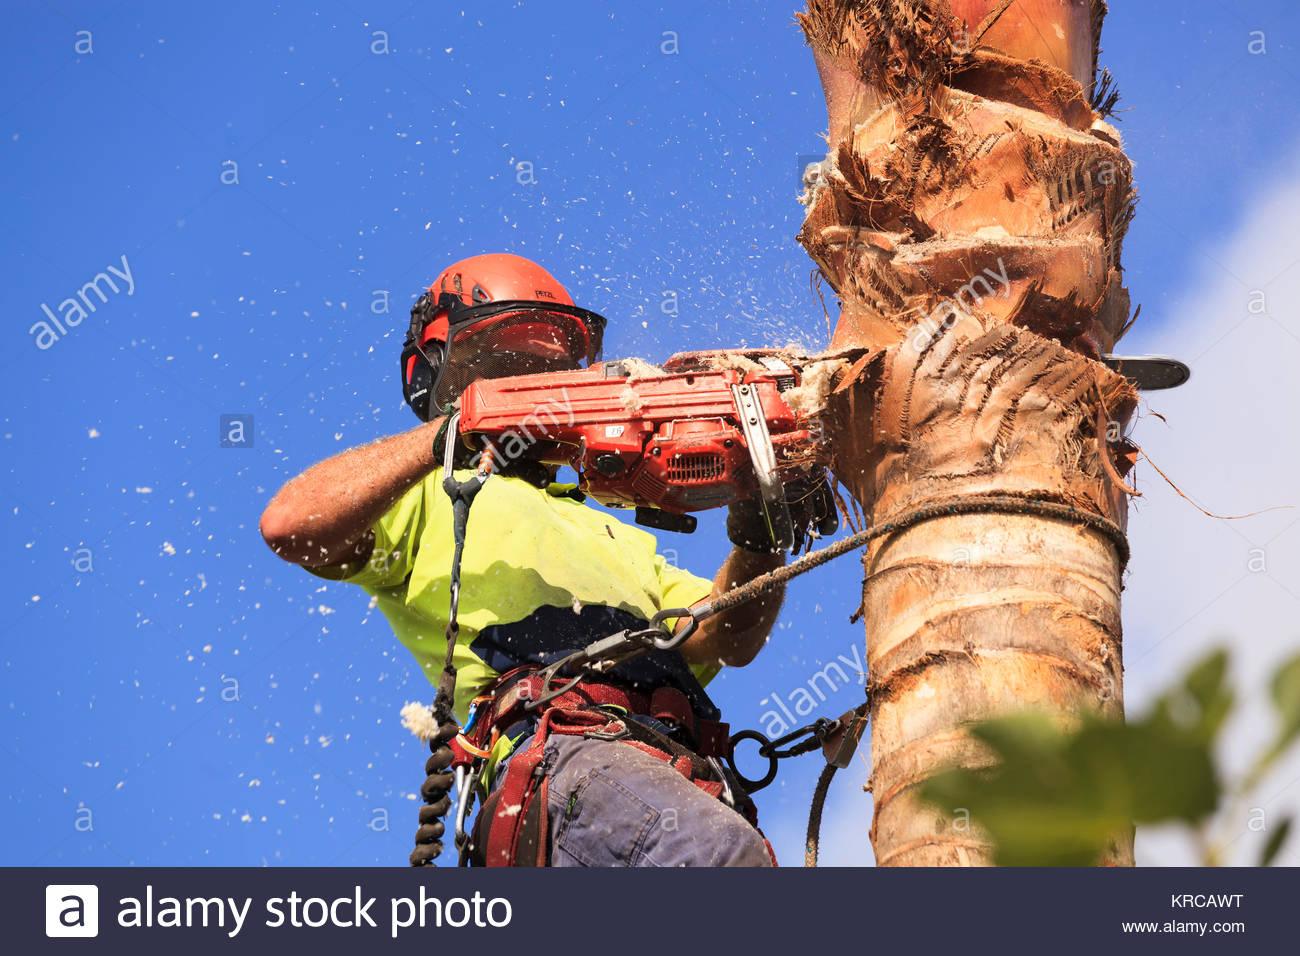 Klettergurt Baum : Baum lopper im kabelbaum mit sporen und kettensäge klettern palme